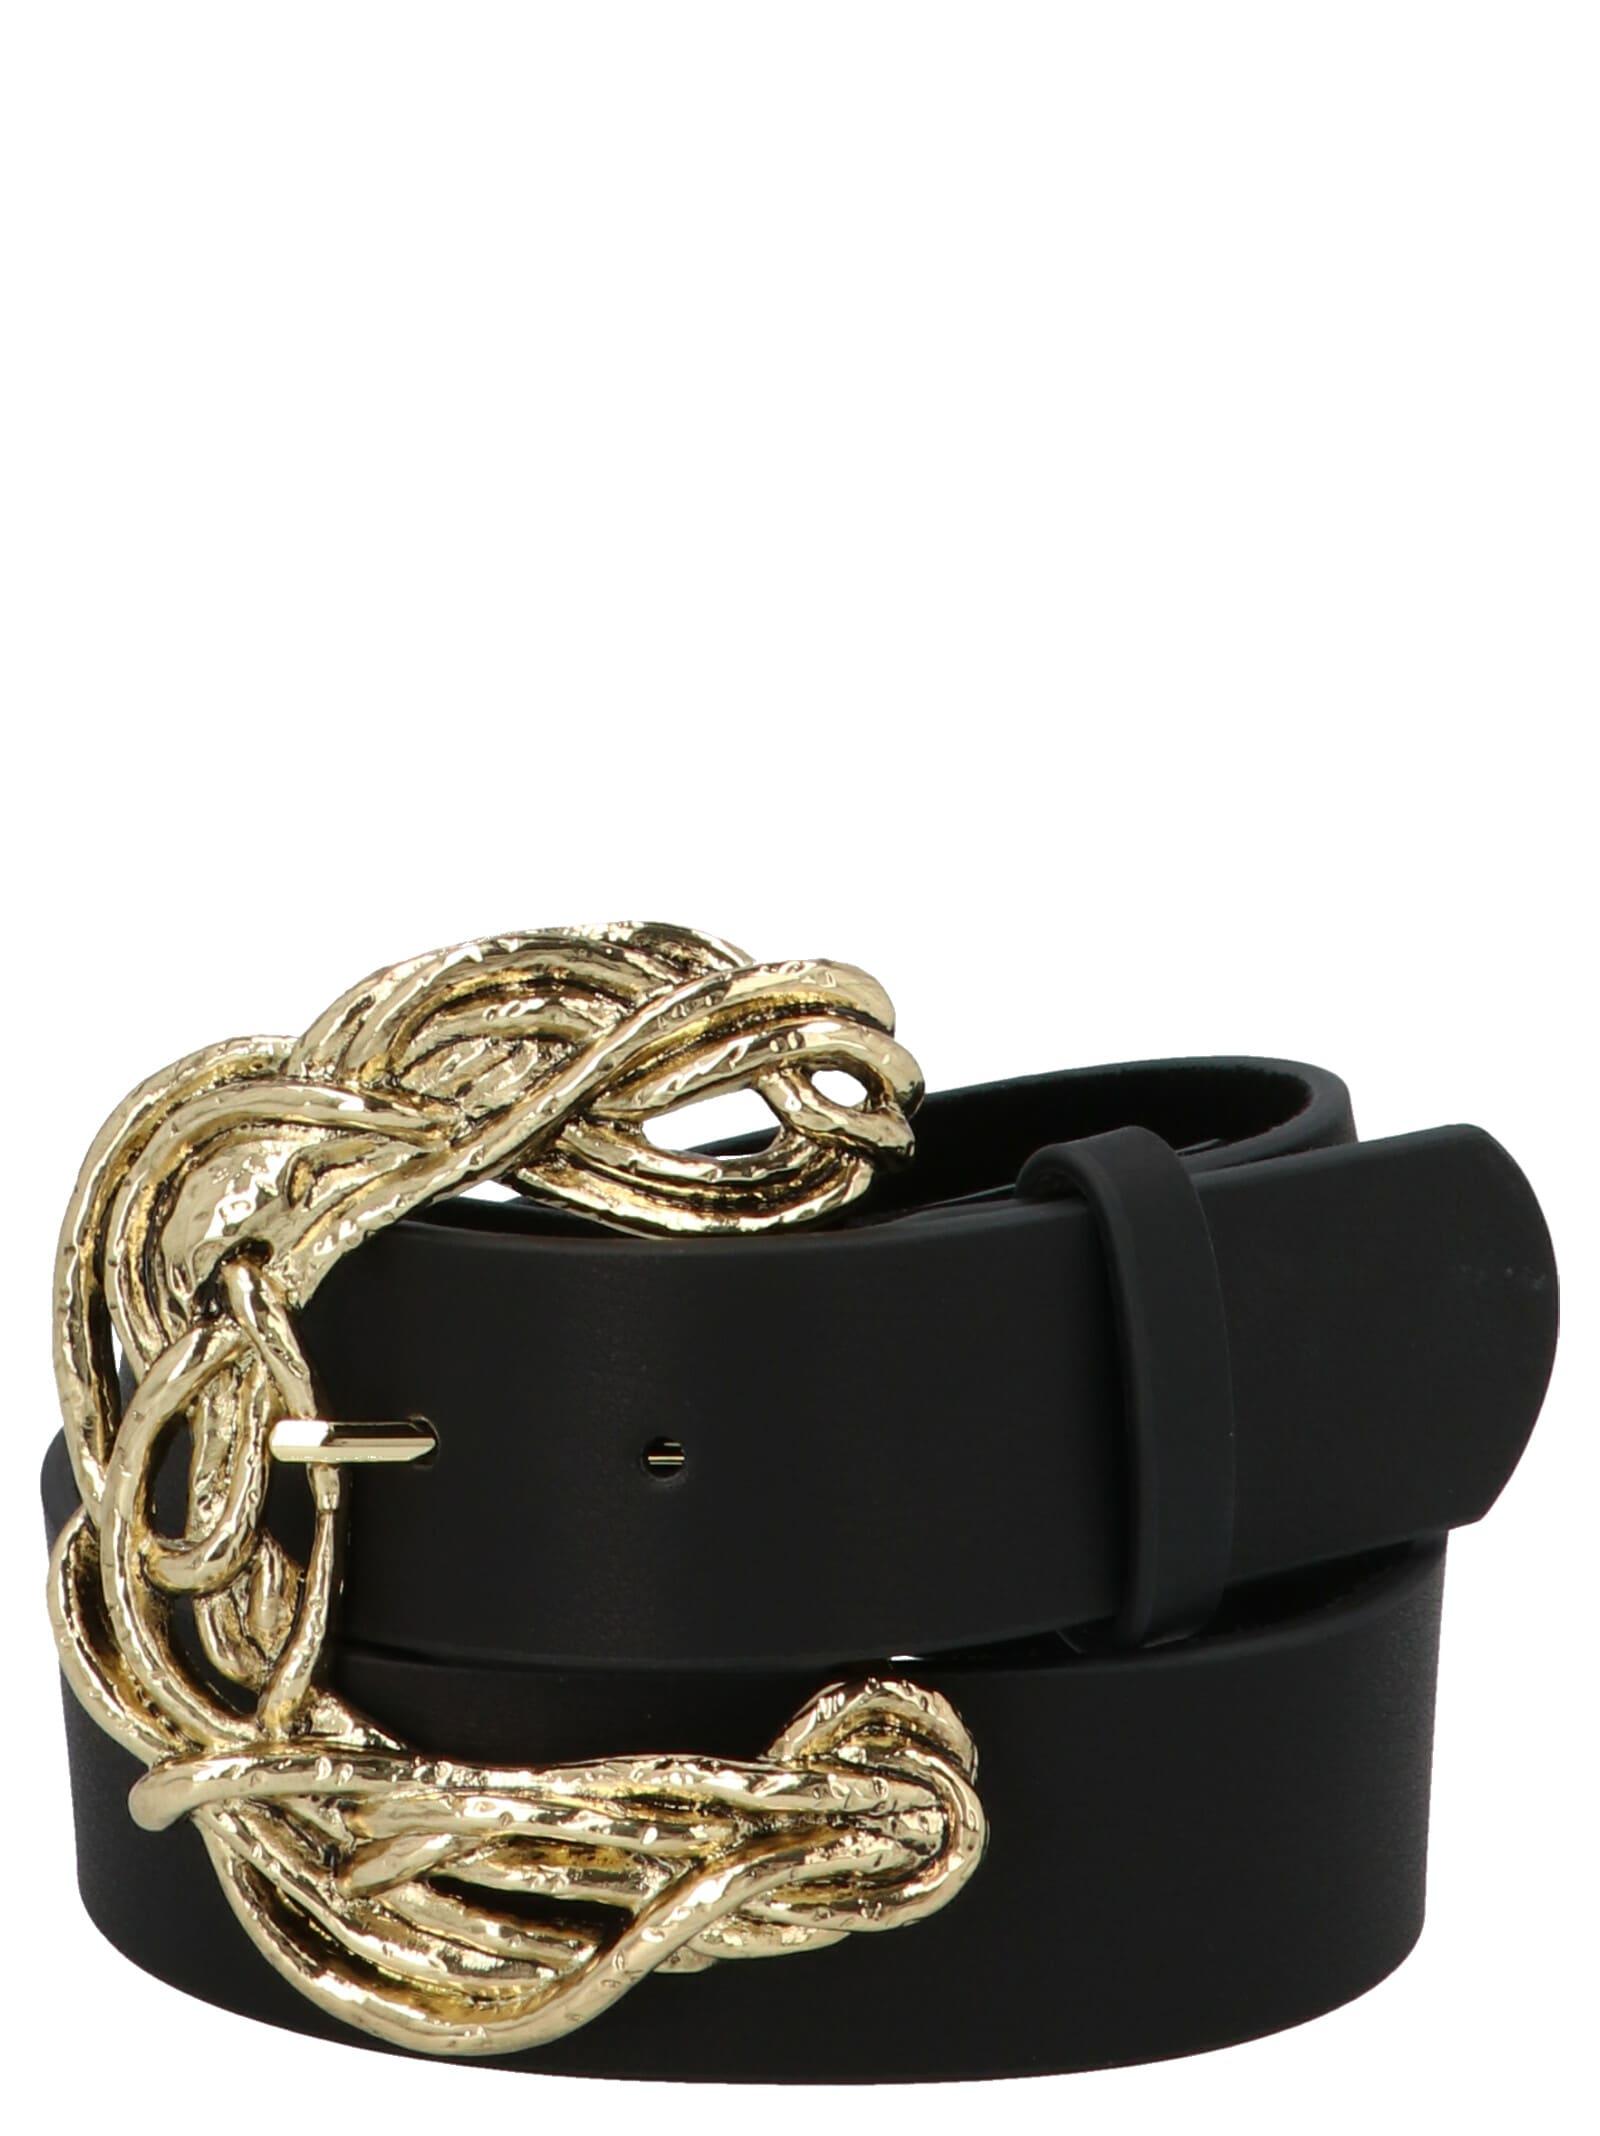 B-low The Belt hadley Belt